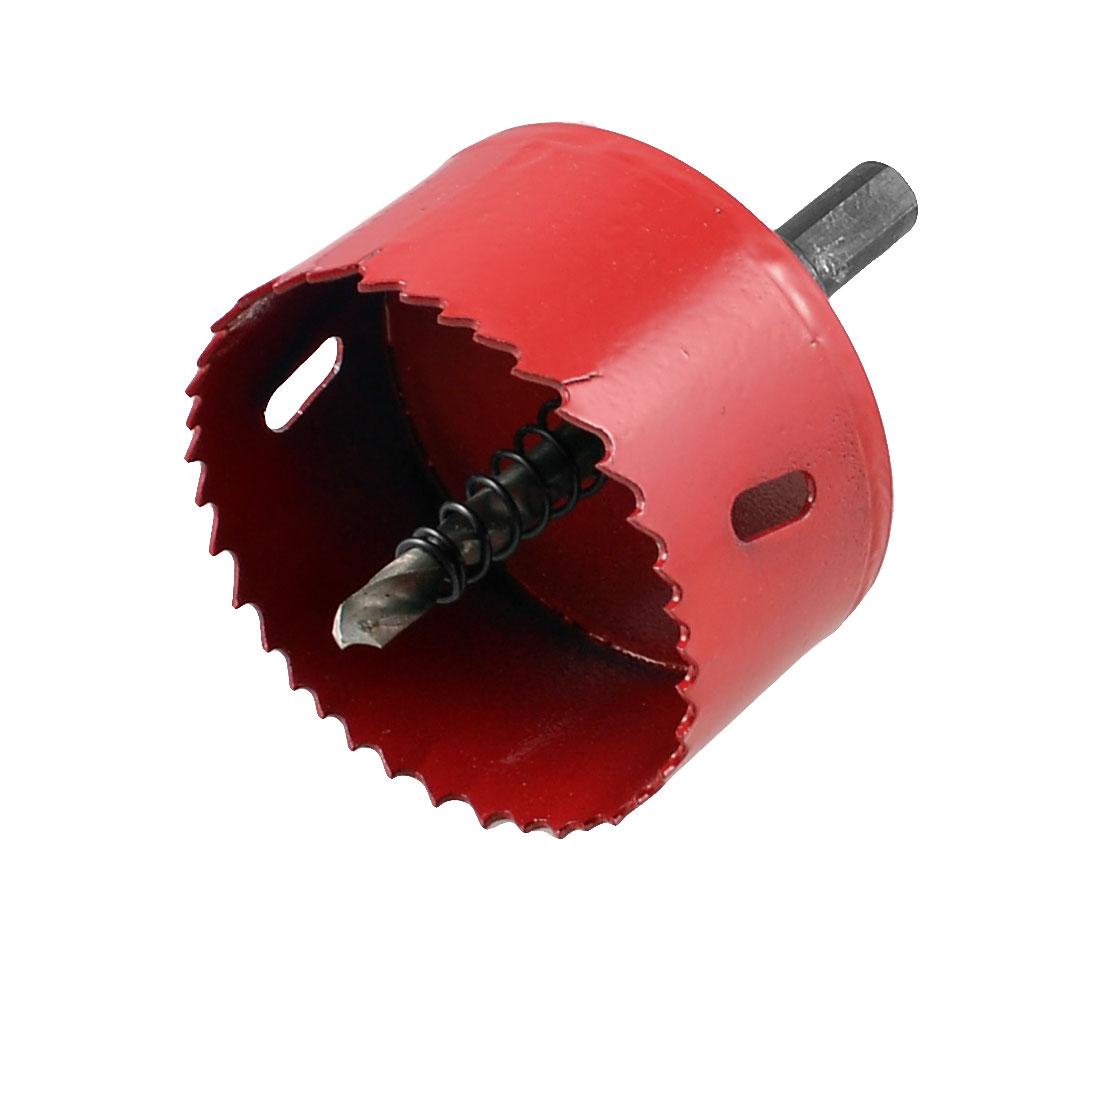 6mm Twist Drilling Bit 65mm Cutting Diameter Bimetal Hole Saw Cutter Red Black